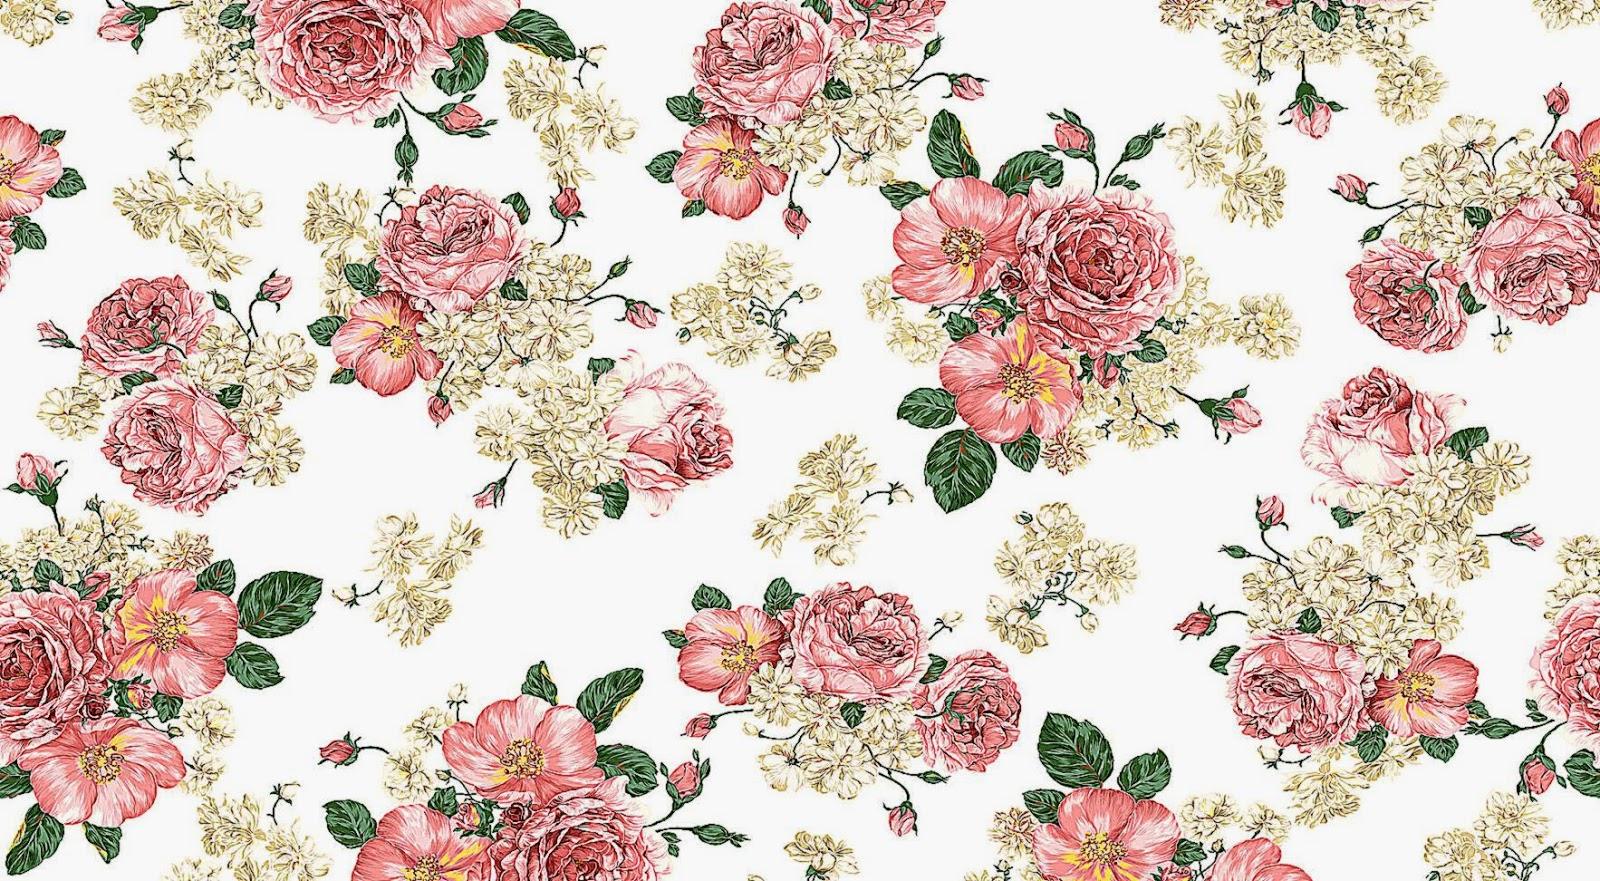 flower pattern wallpapers filename flower pattern wallpapers full hd 1600x881